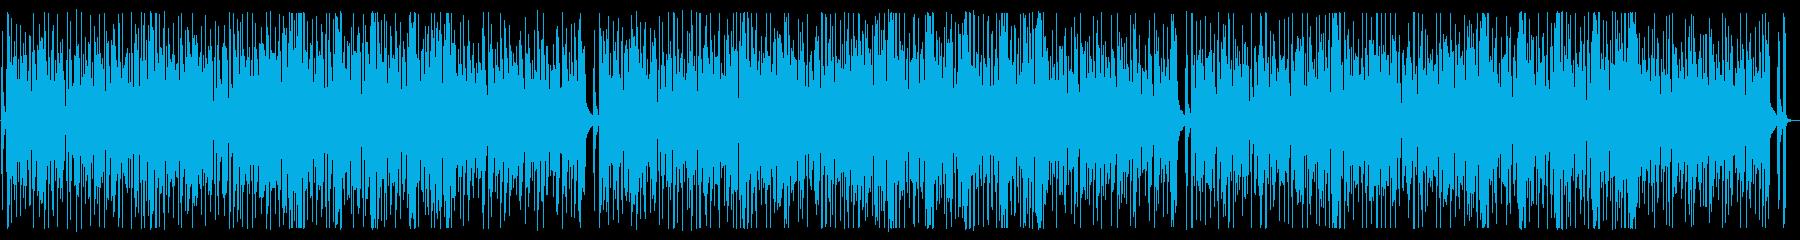 YouTubeワクワクする軽快なファンクの再生済みの波形